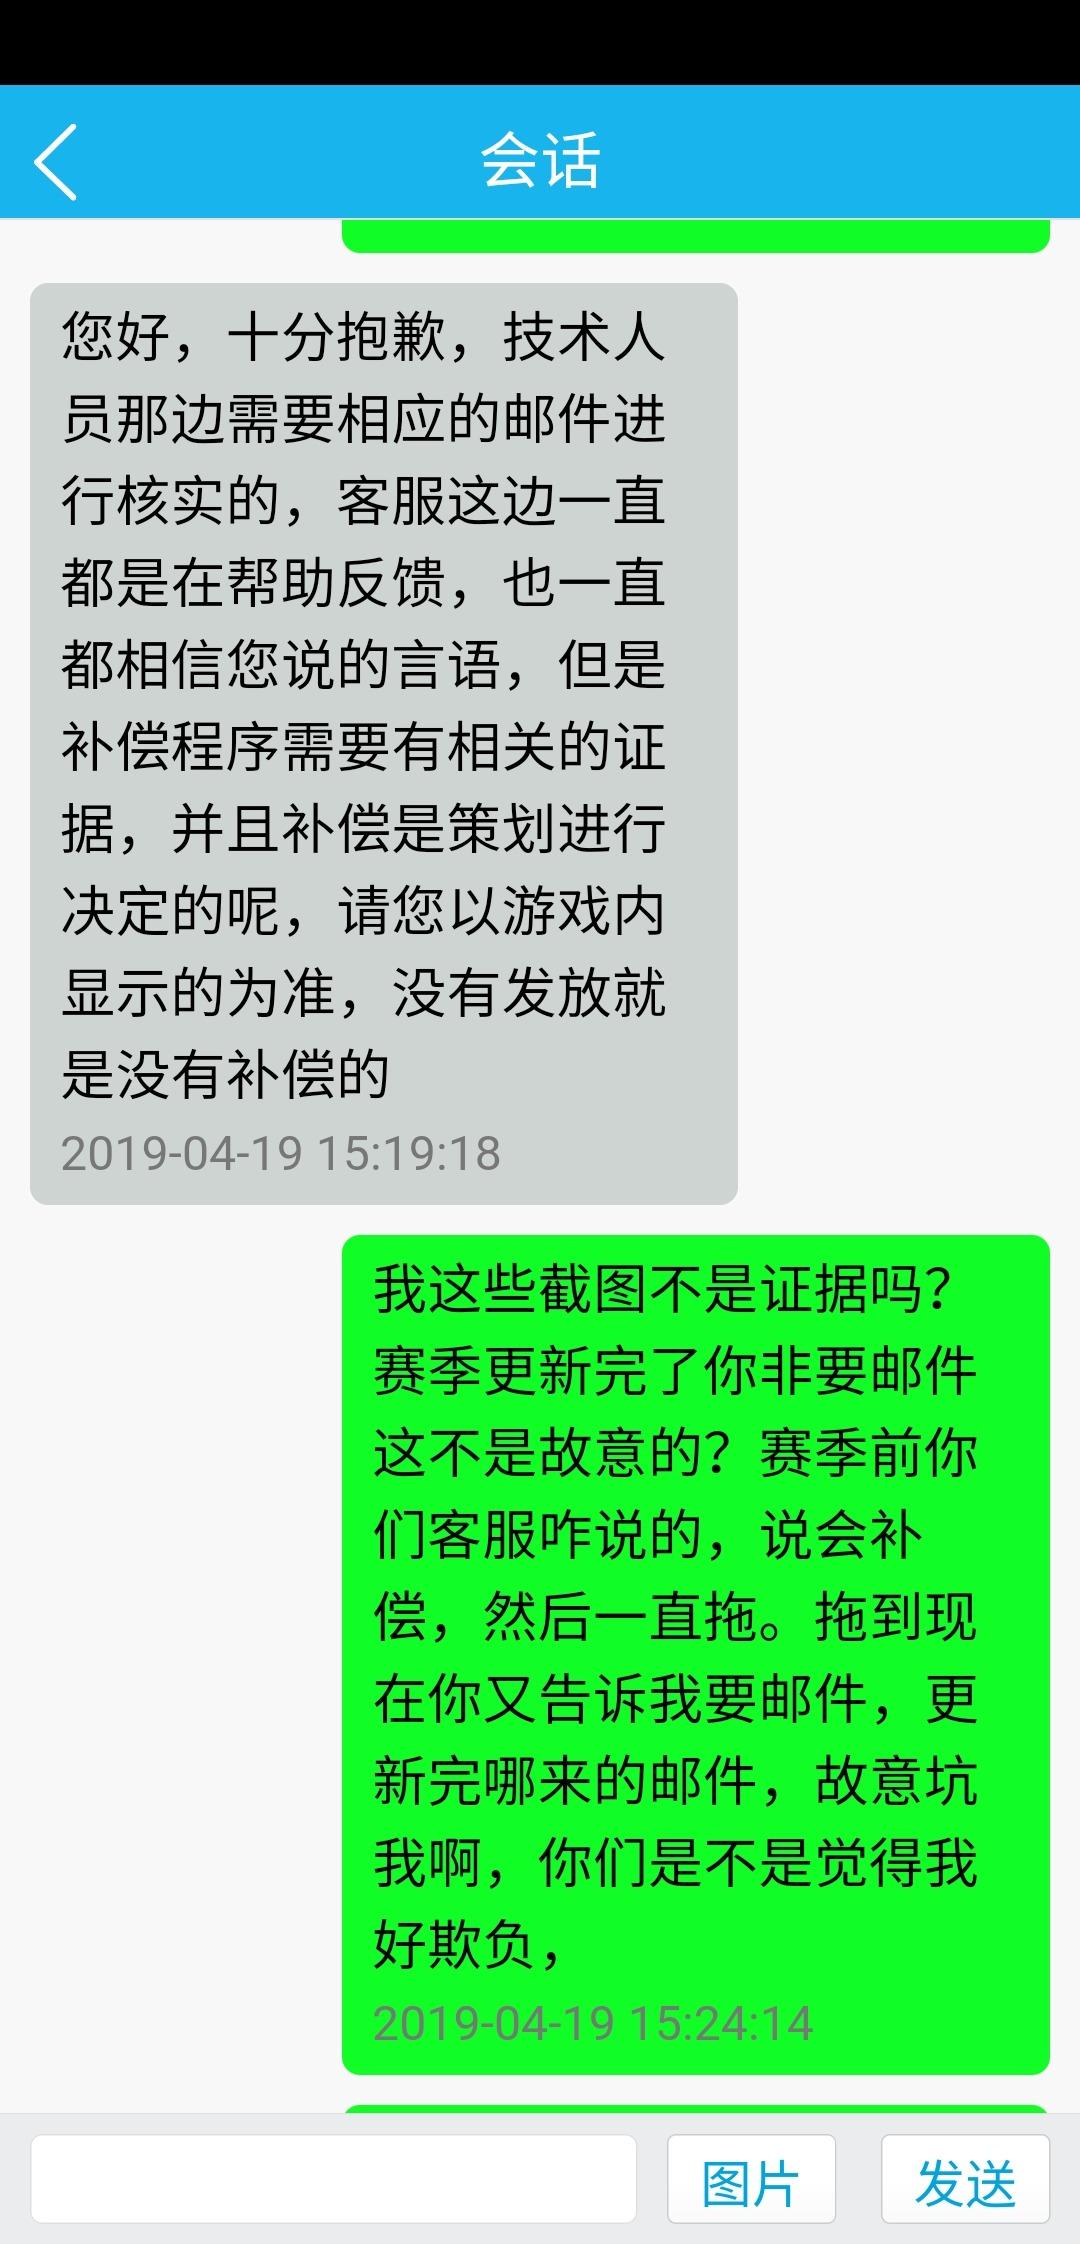 Screenshot_20190419_152553_com.huawei.android.launcher.jpg